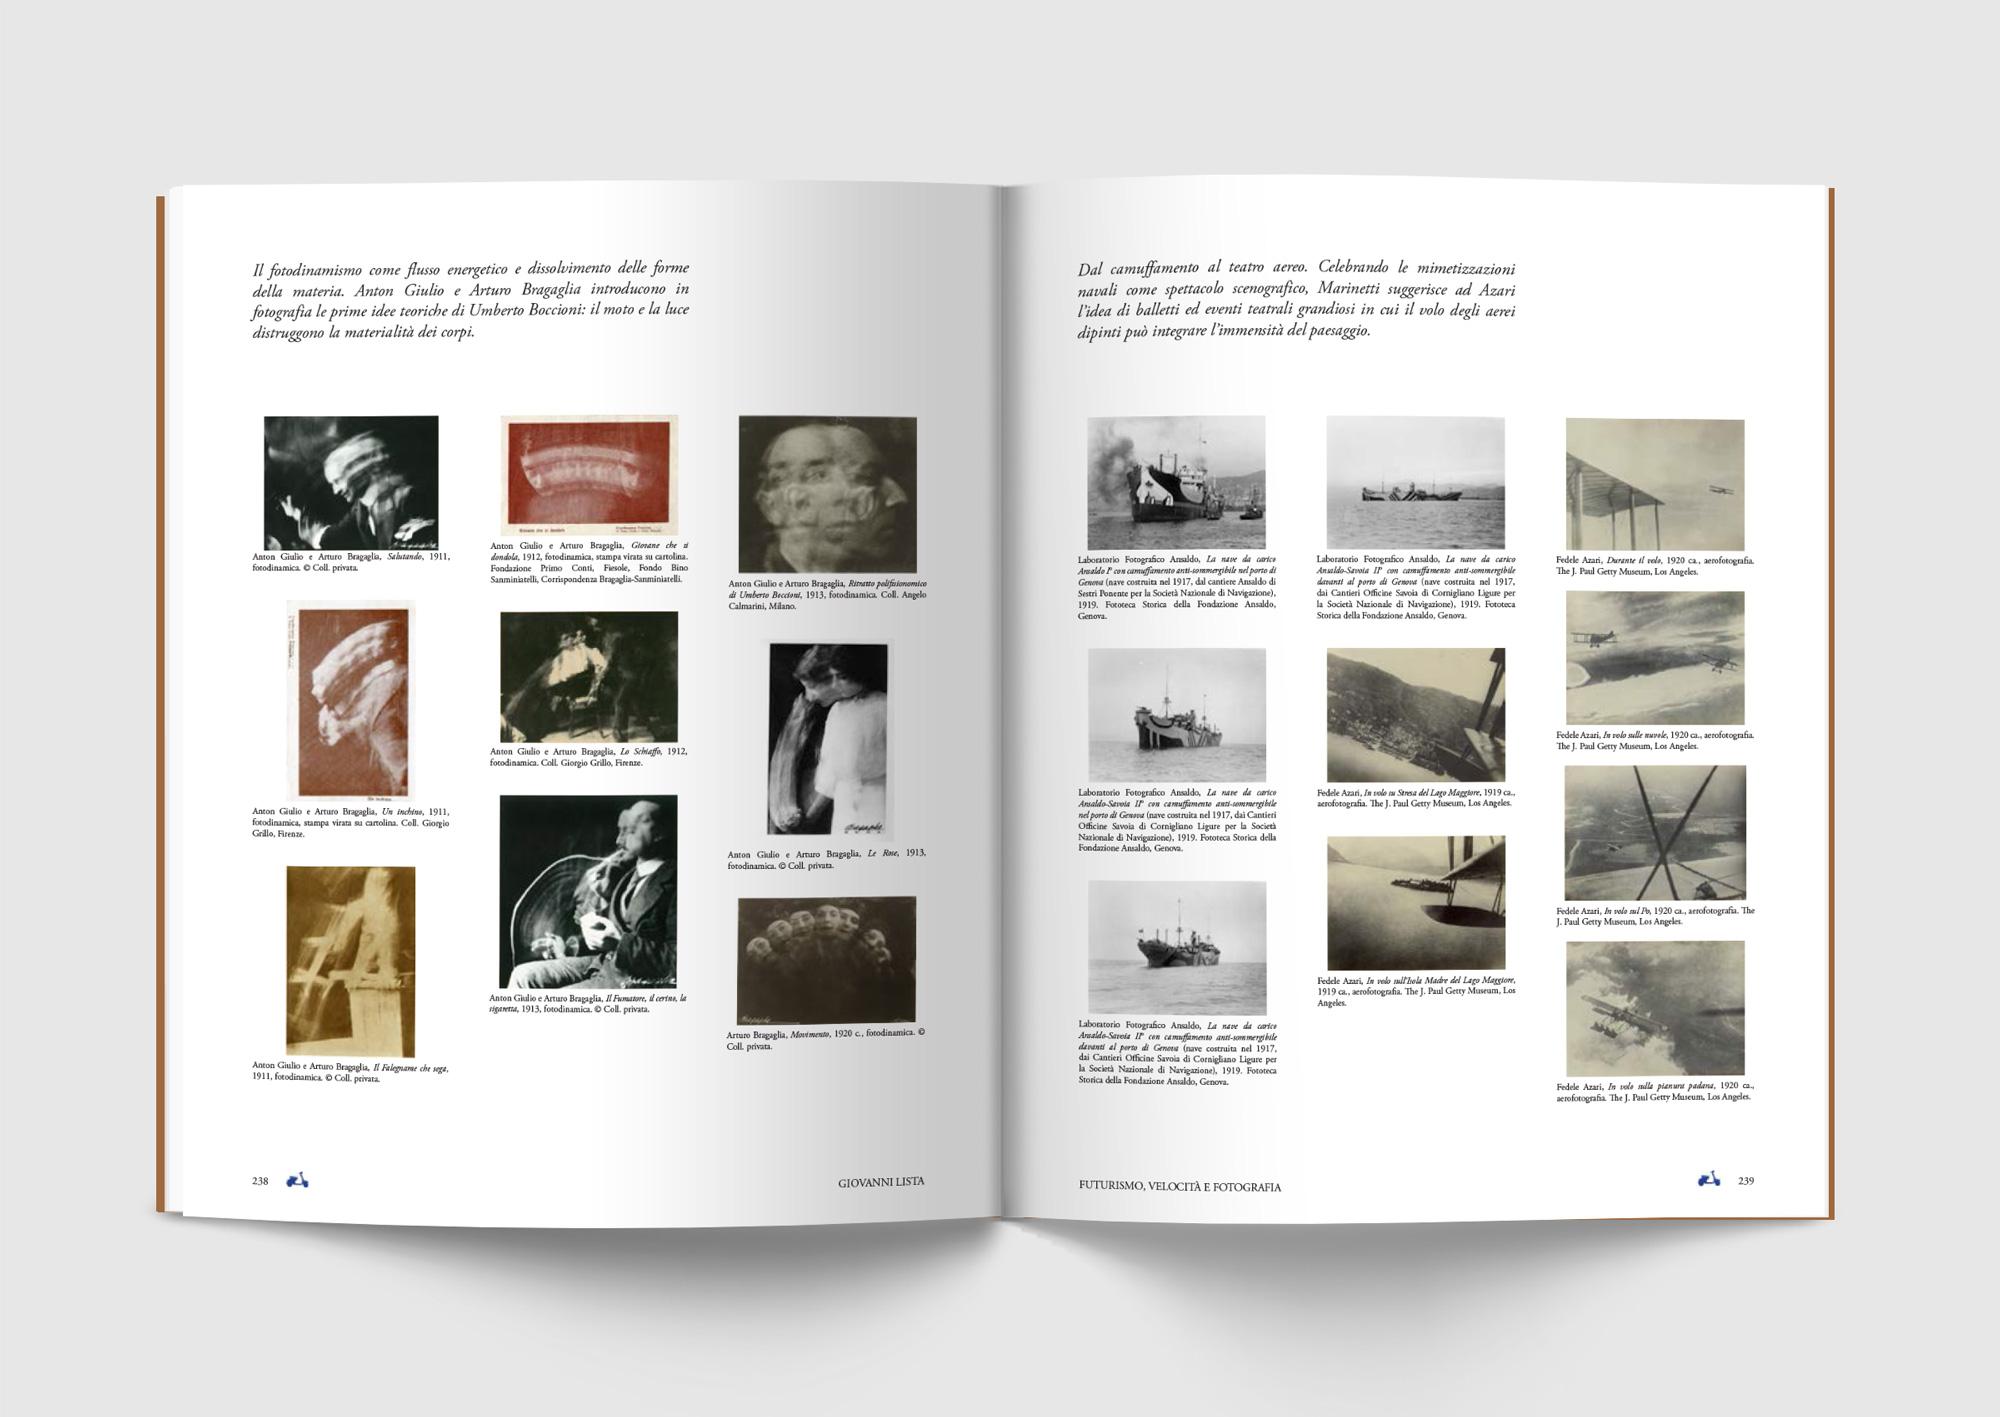 Futurismo, Mostra, G. Lista, Pontedera, deferrari modesti, Progetto grafico, Catalogo mostra